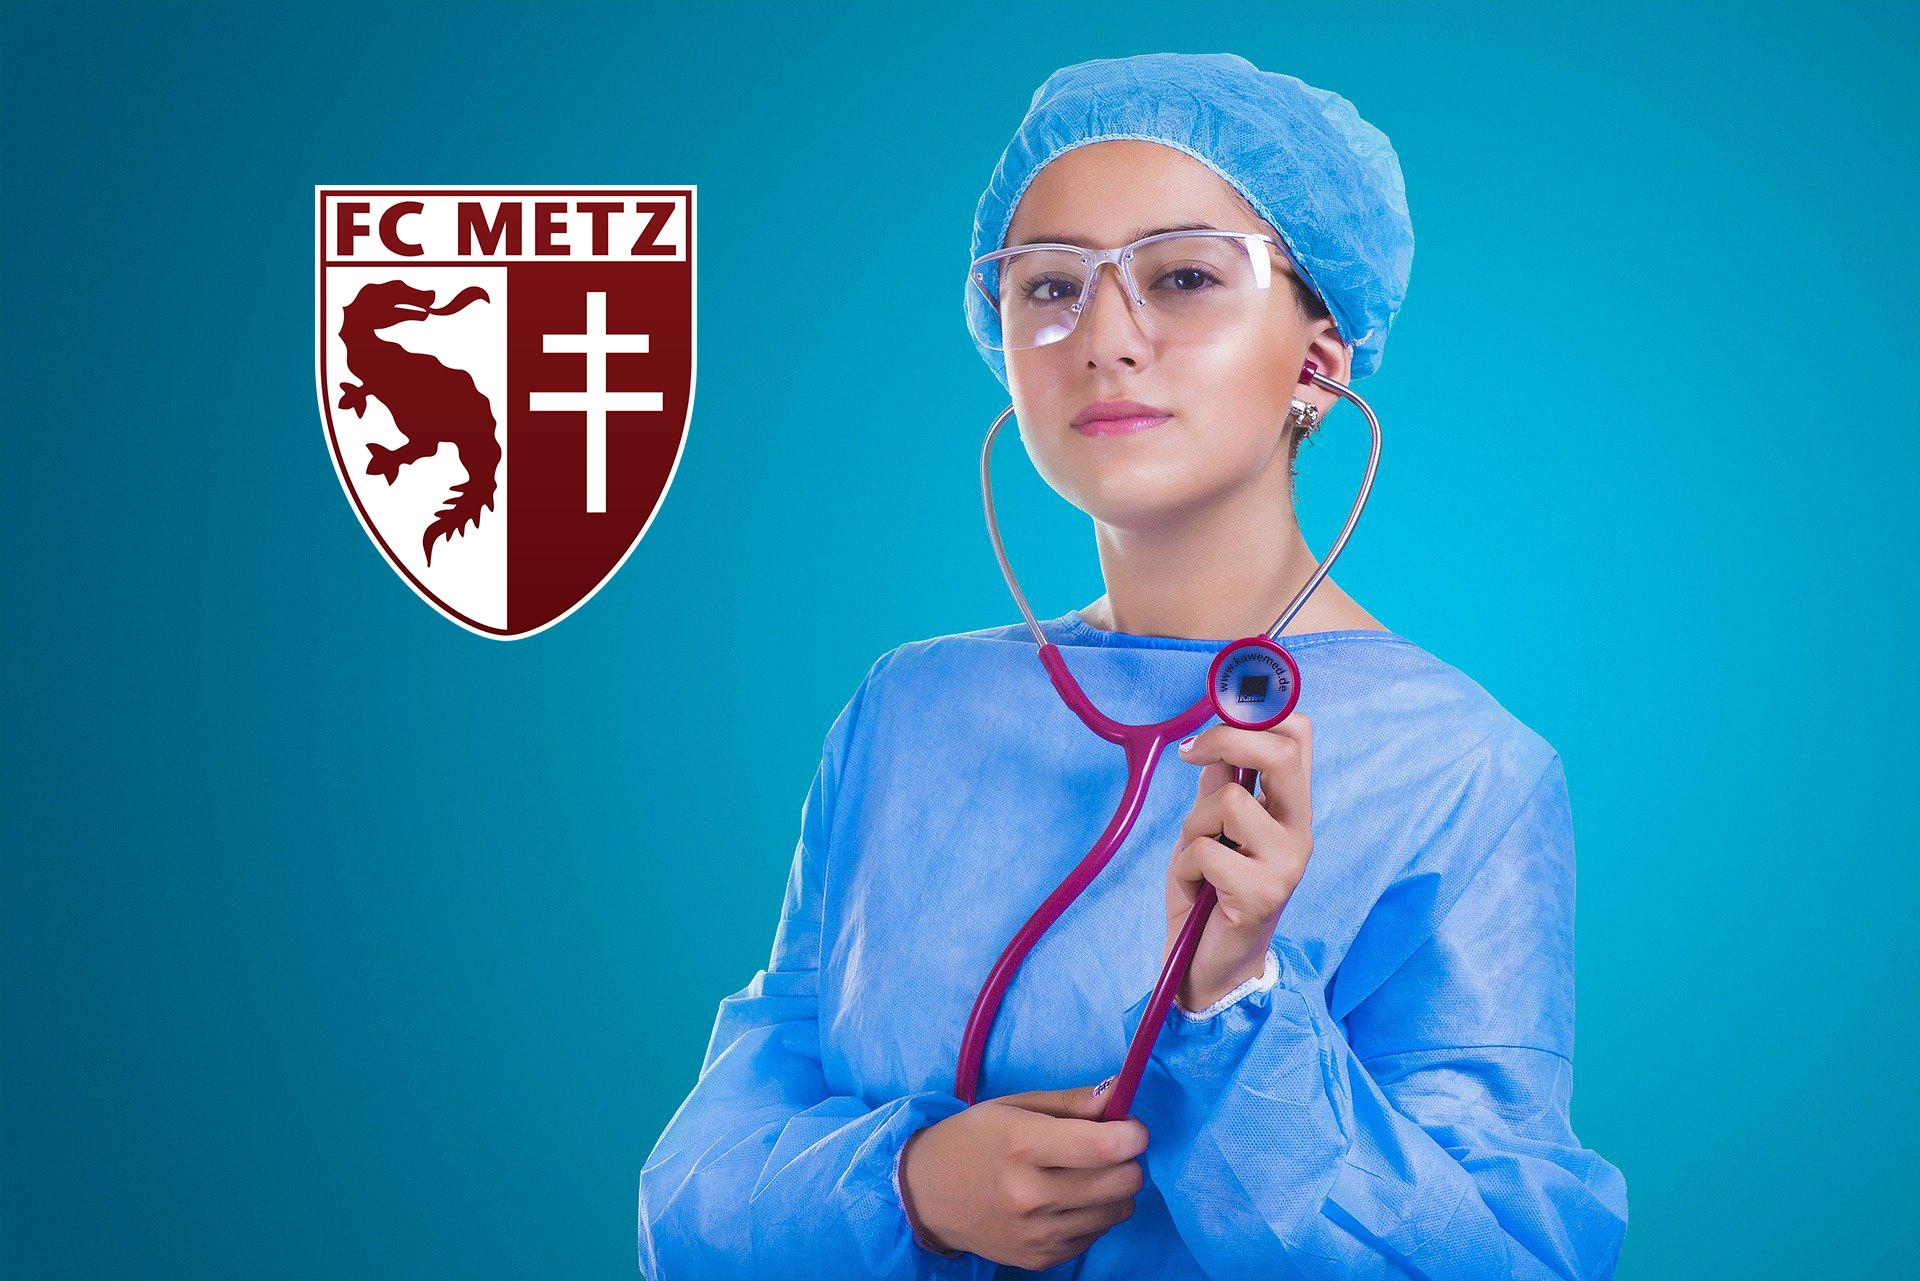 Infirmière FC Metz – image libre de droits